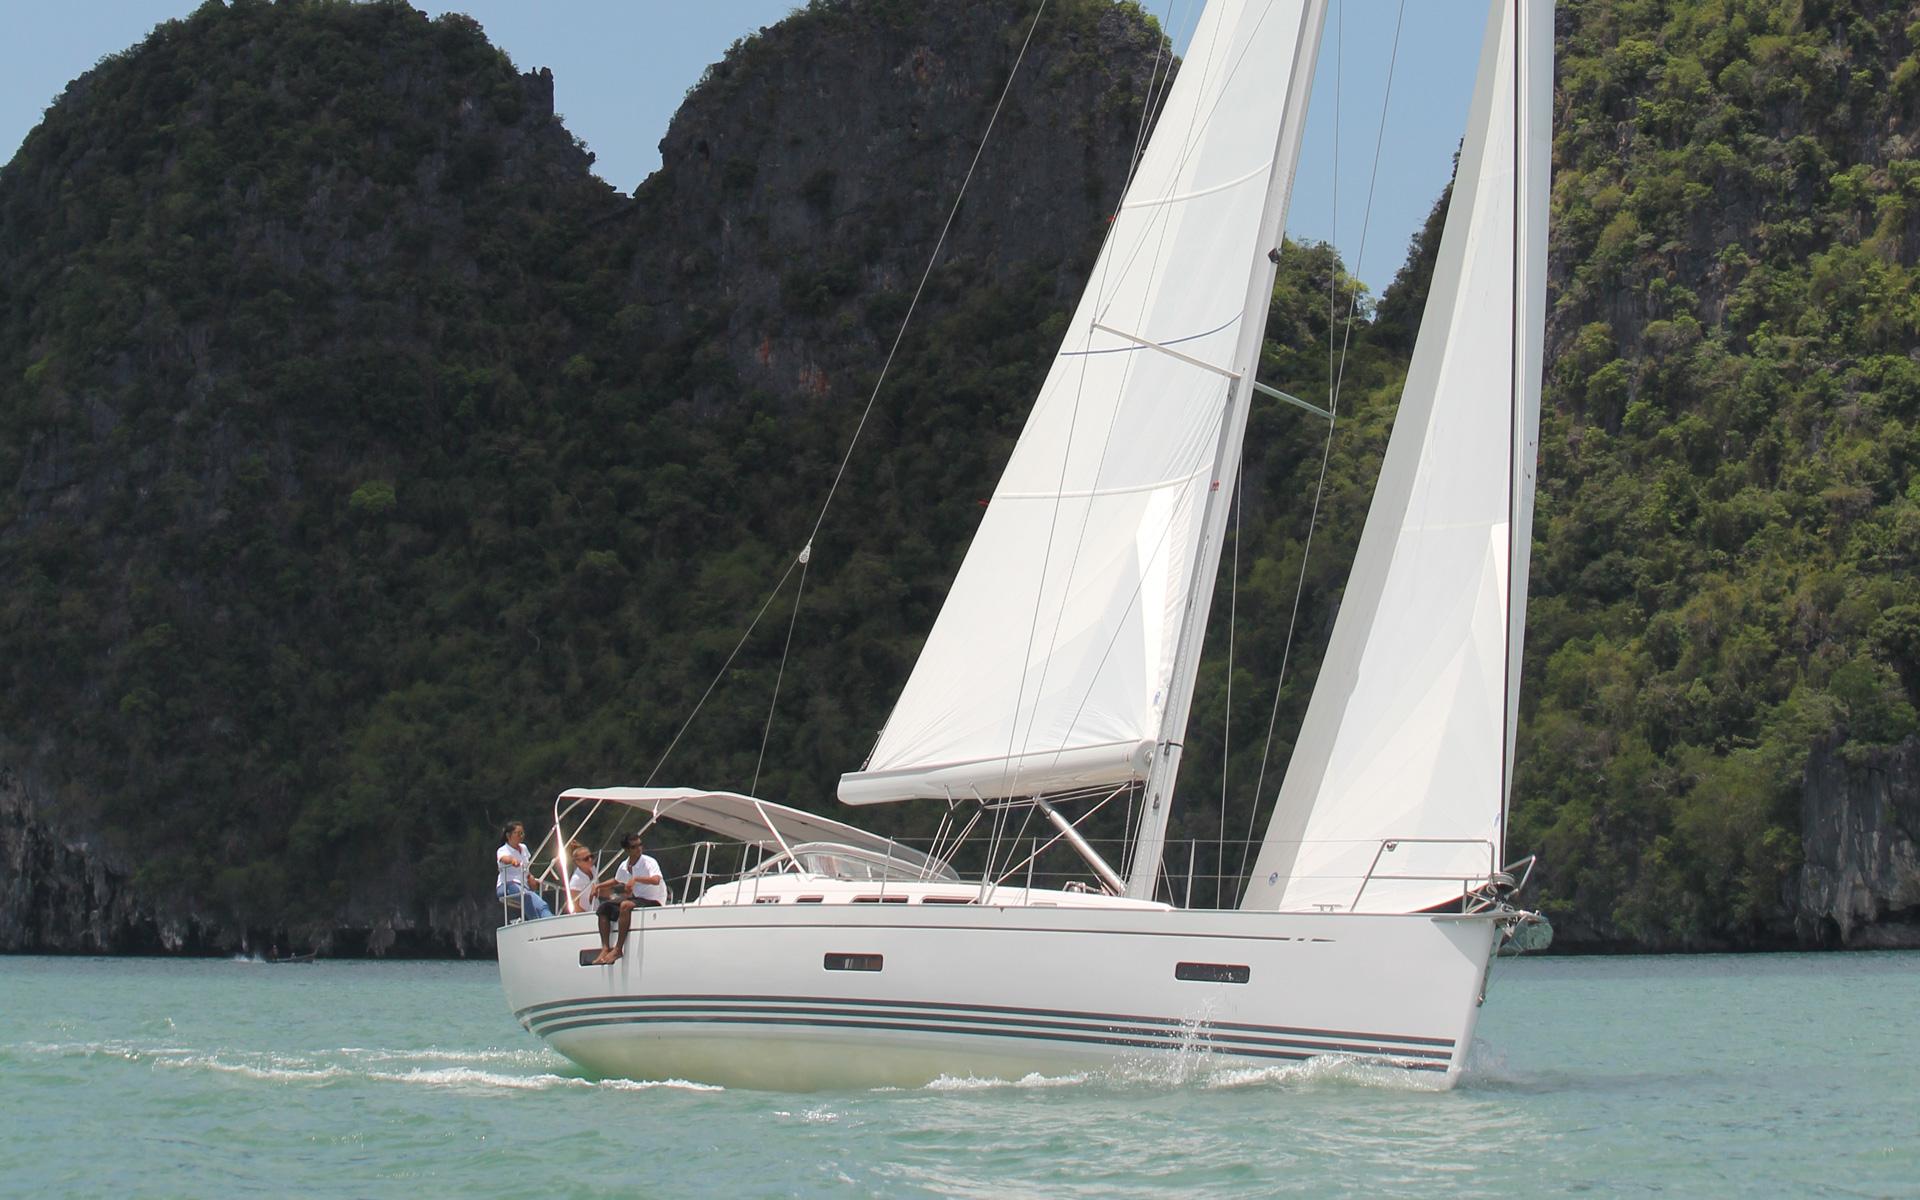 X Yachts xc-45 - a vela